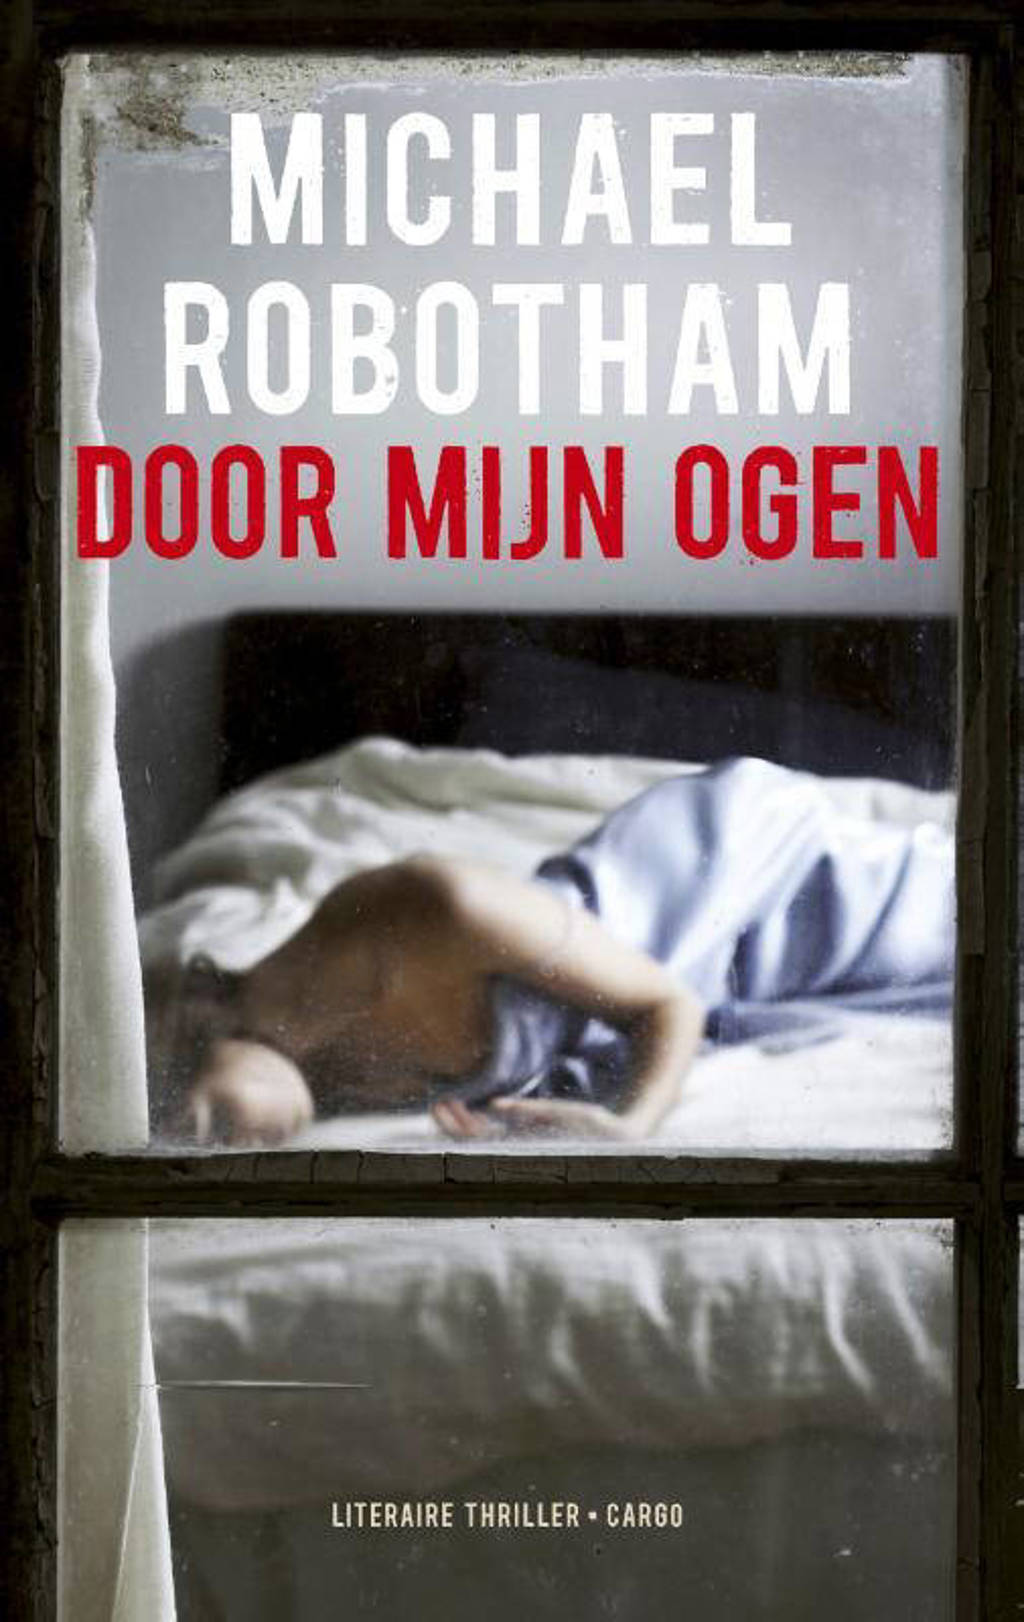 O'Loughlin: Door mijn ogen - Michael Robotham